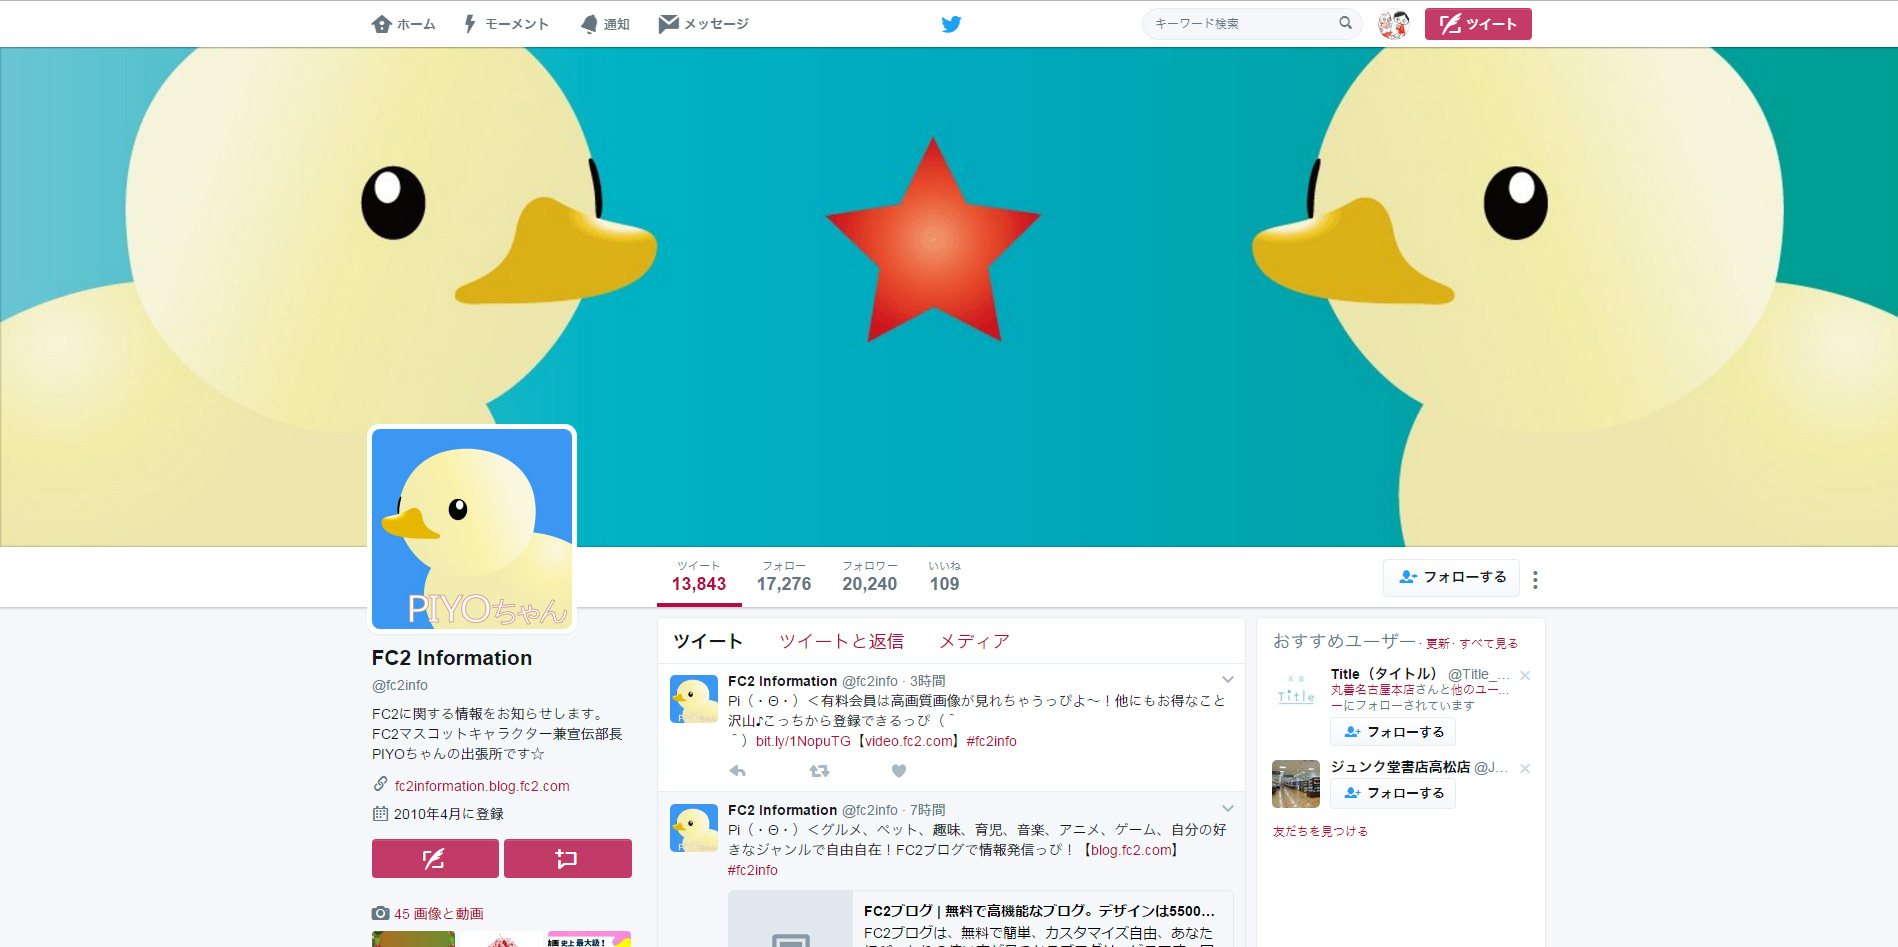 170517-twitter1.jpg